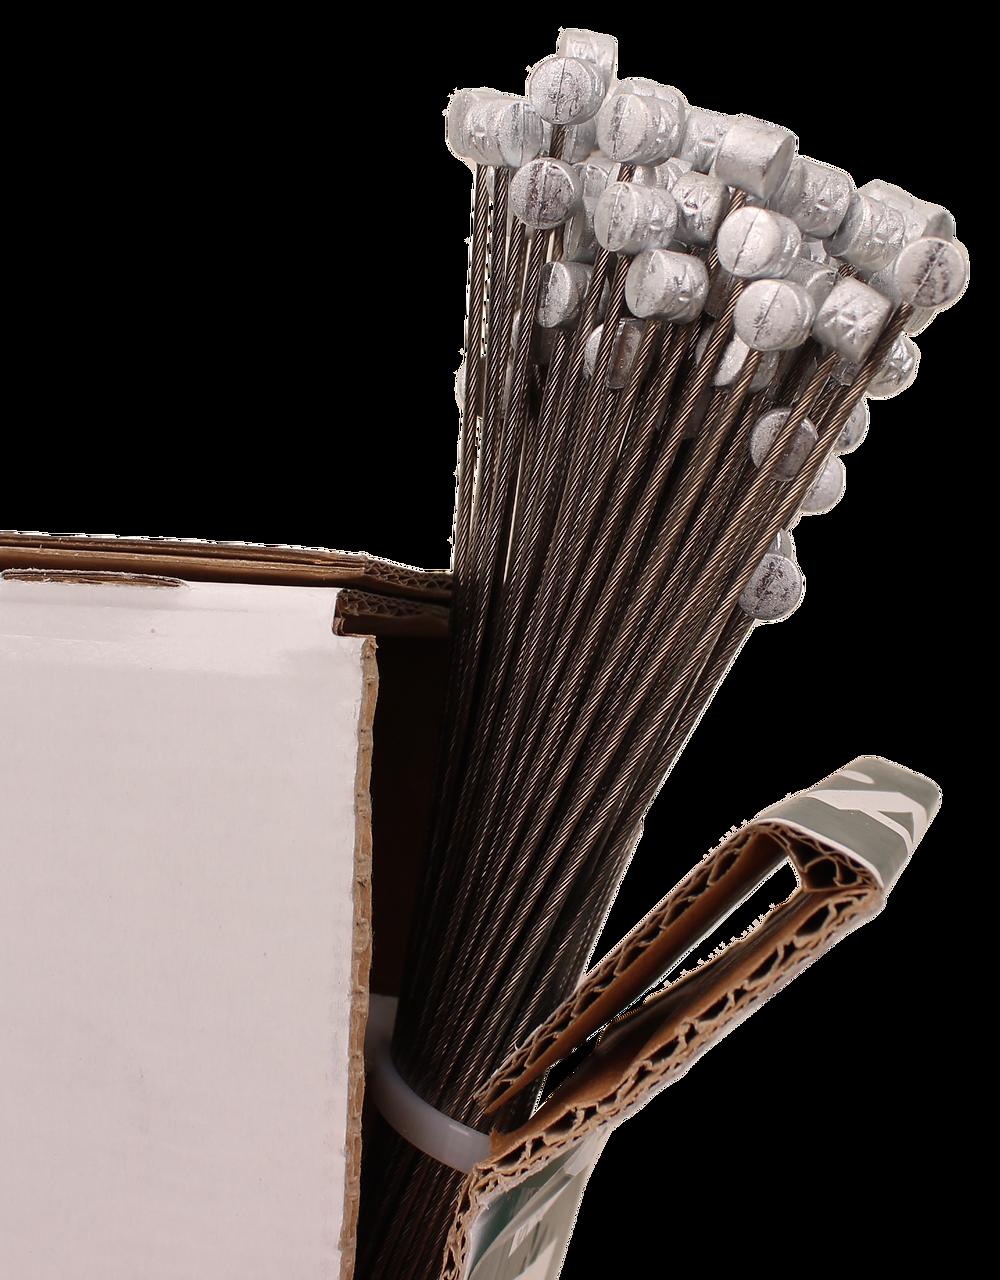 Bowdenzug Karton mit Tonne